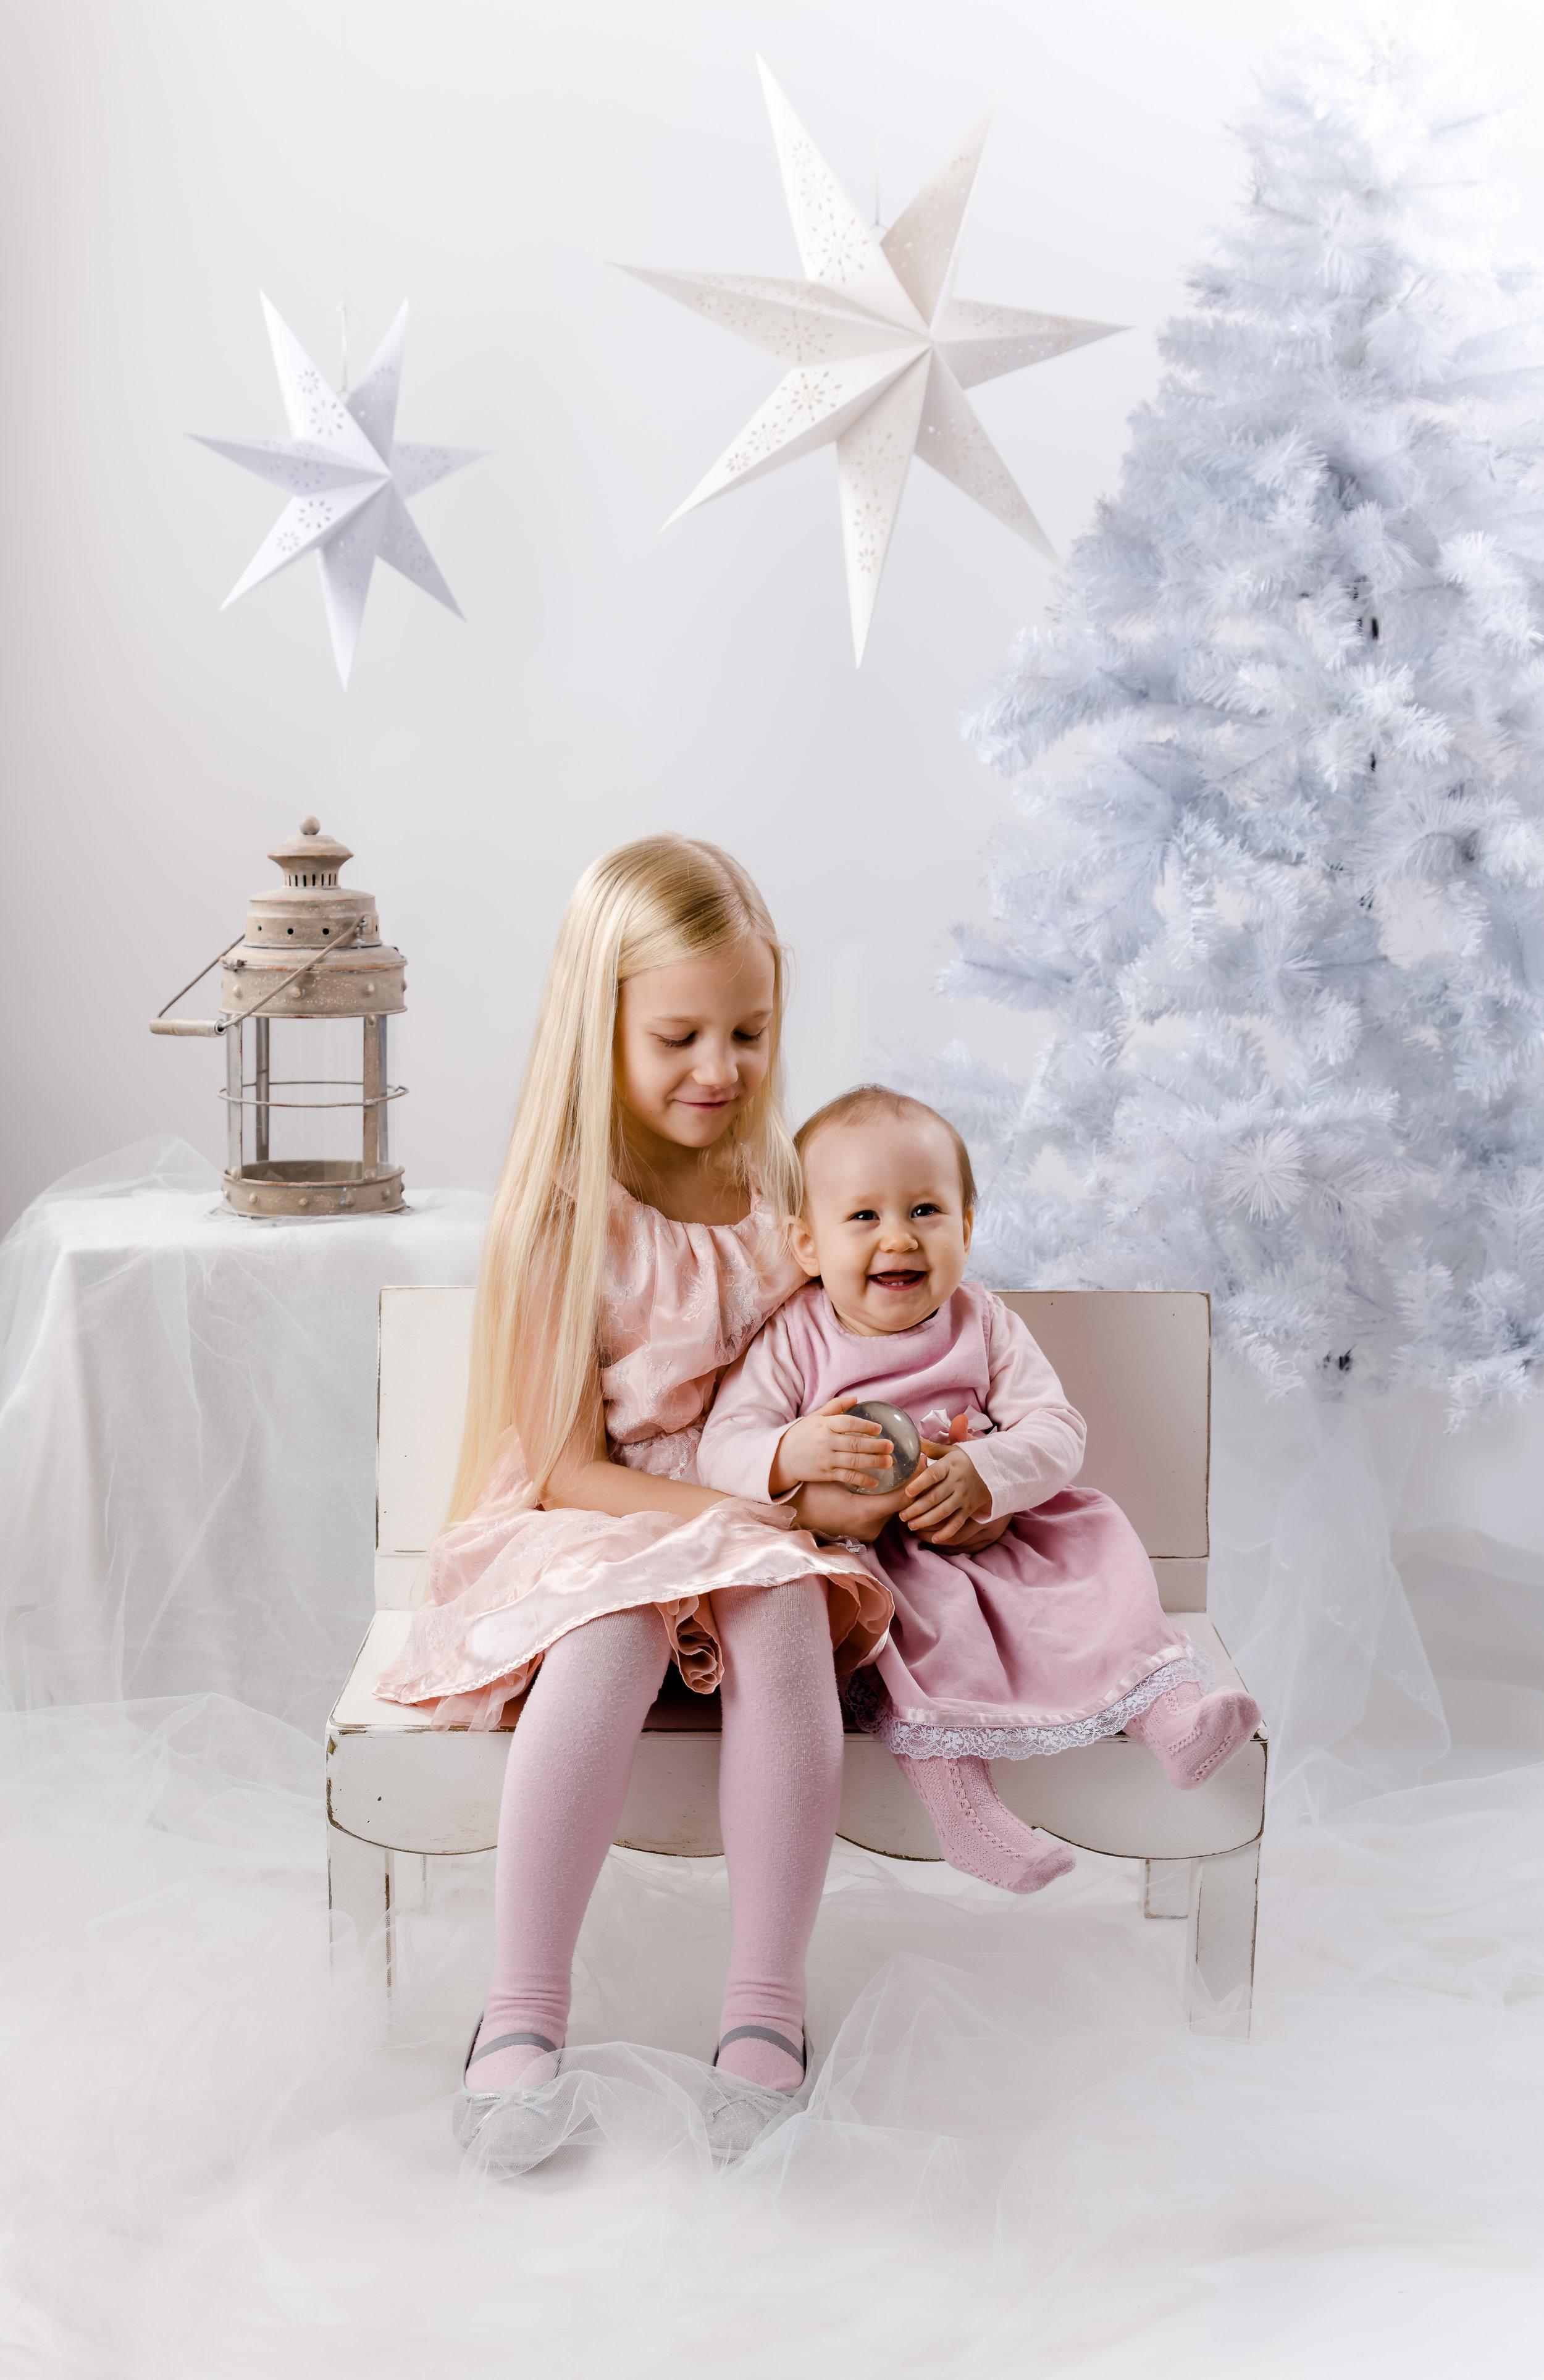 joulukortti_Jaslin&Seidi-1355.jpg